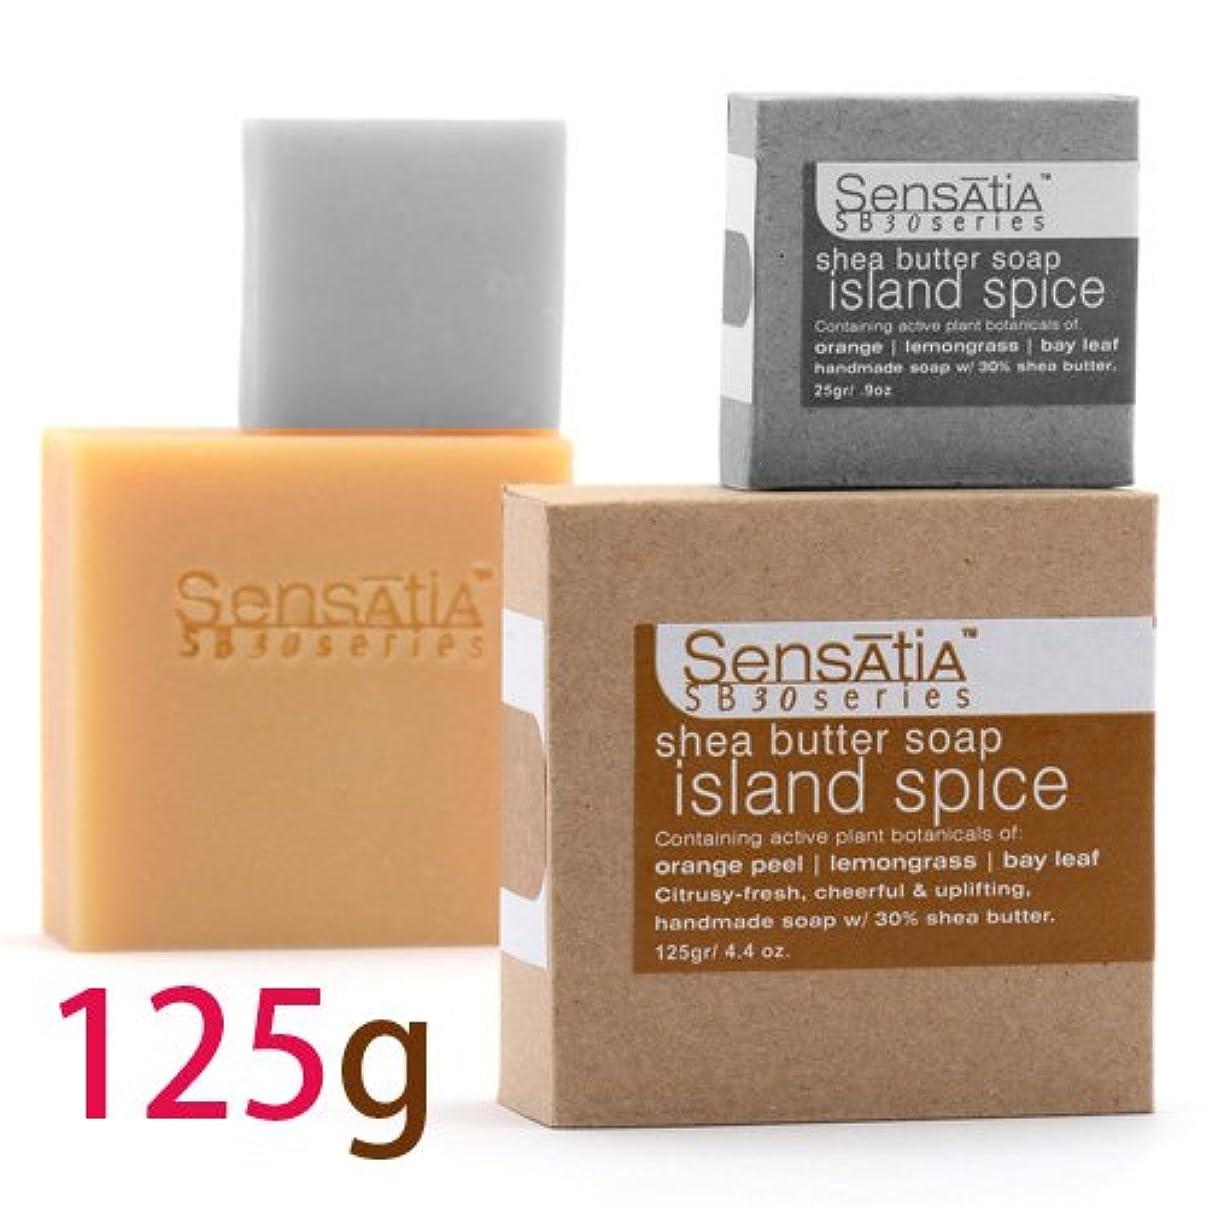 飲食店腐食する慈善Sensatia(センセイシャ) シアバターソープ(SB30) アイランドスパイス 125g